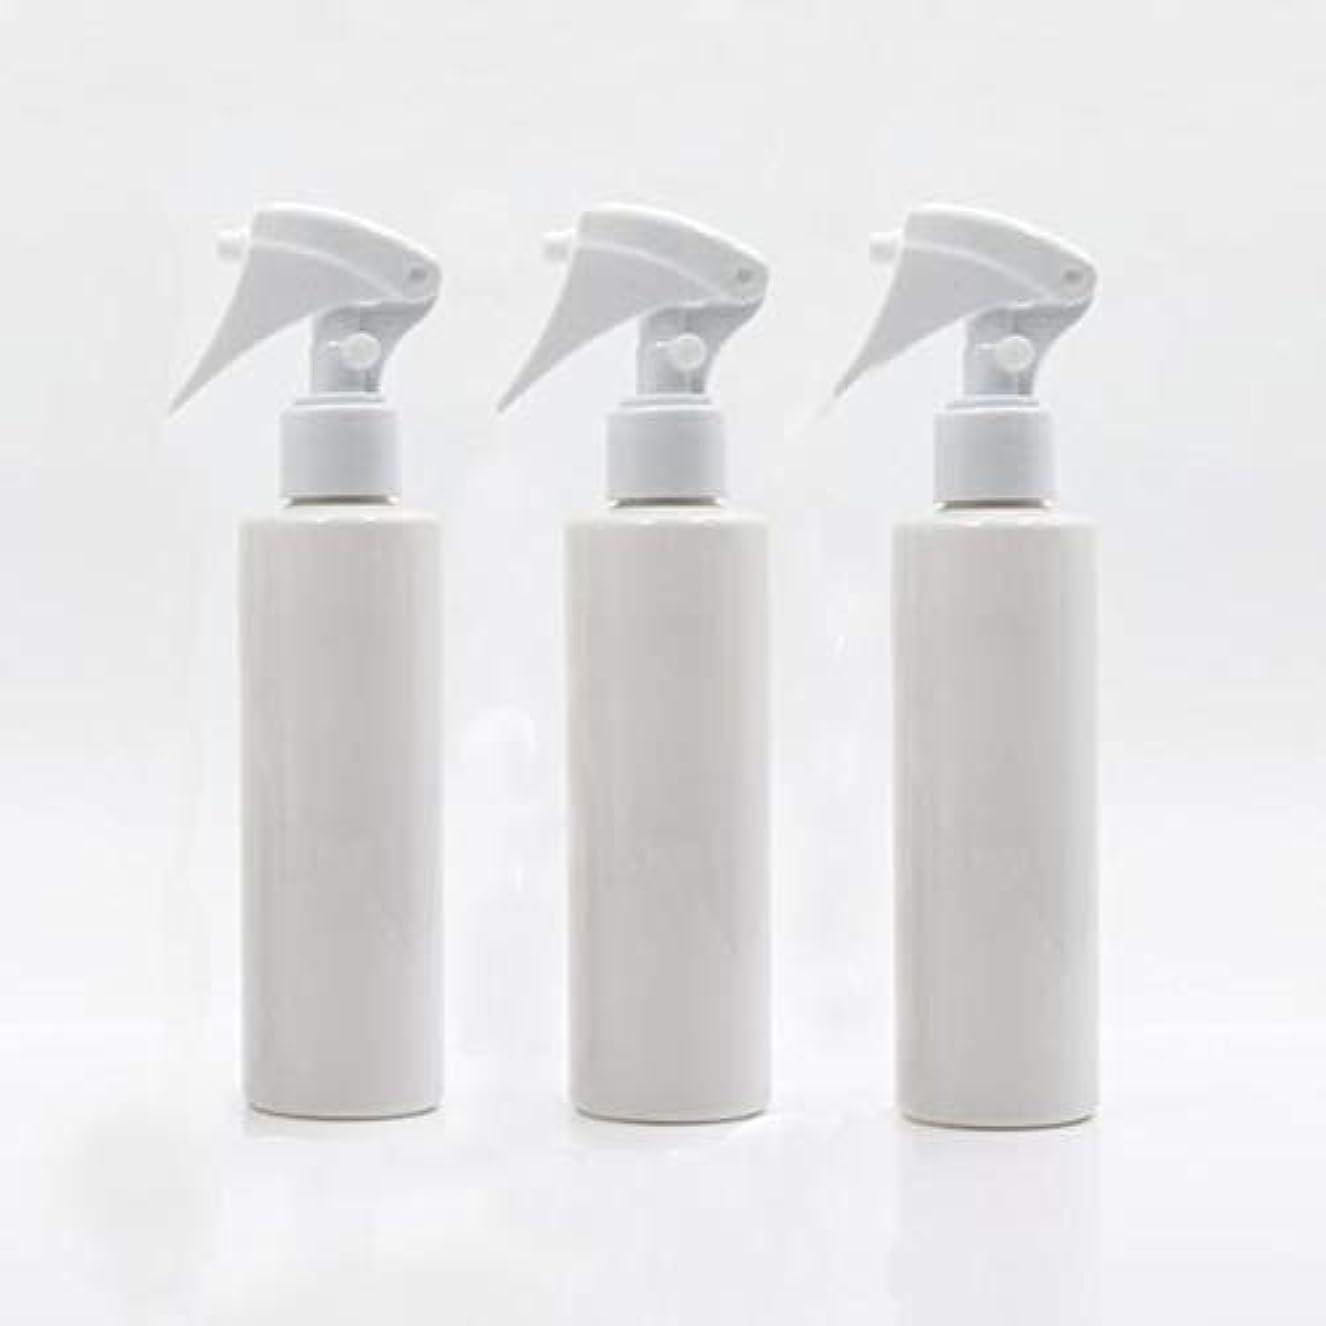 専門知識原因集めるHomewineasy 極細のミストを噴霧する スプレーボトル 詰め替え容器 200ml 3本セット (ホワイト)